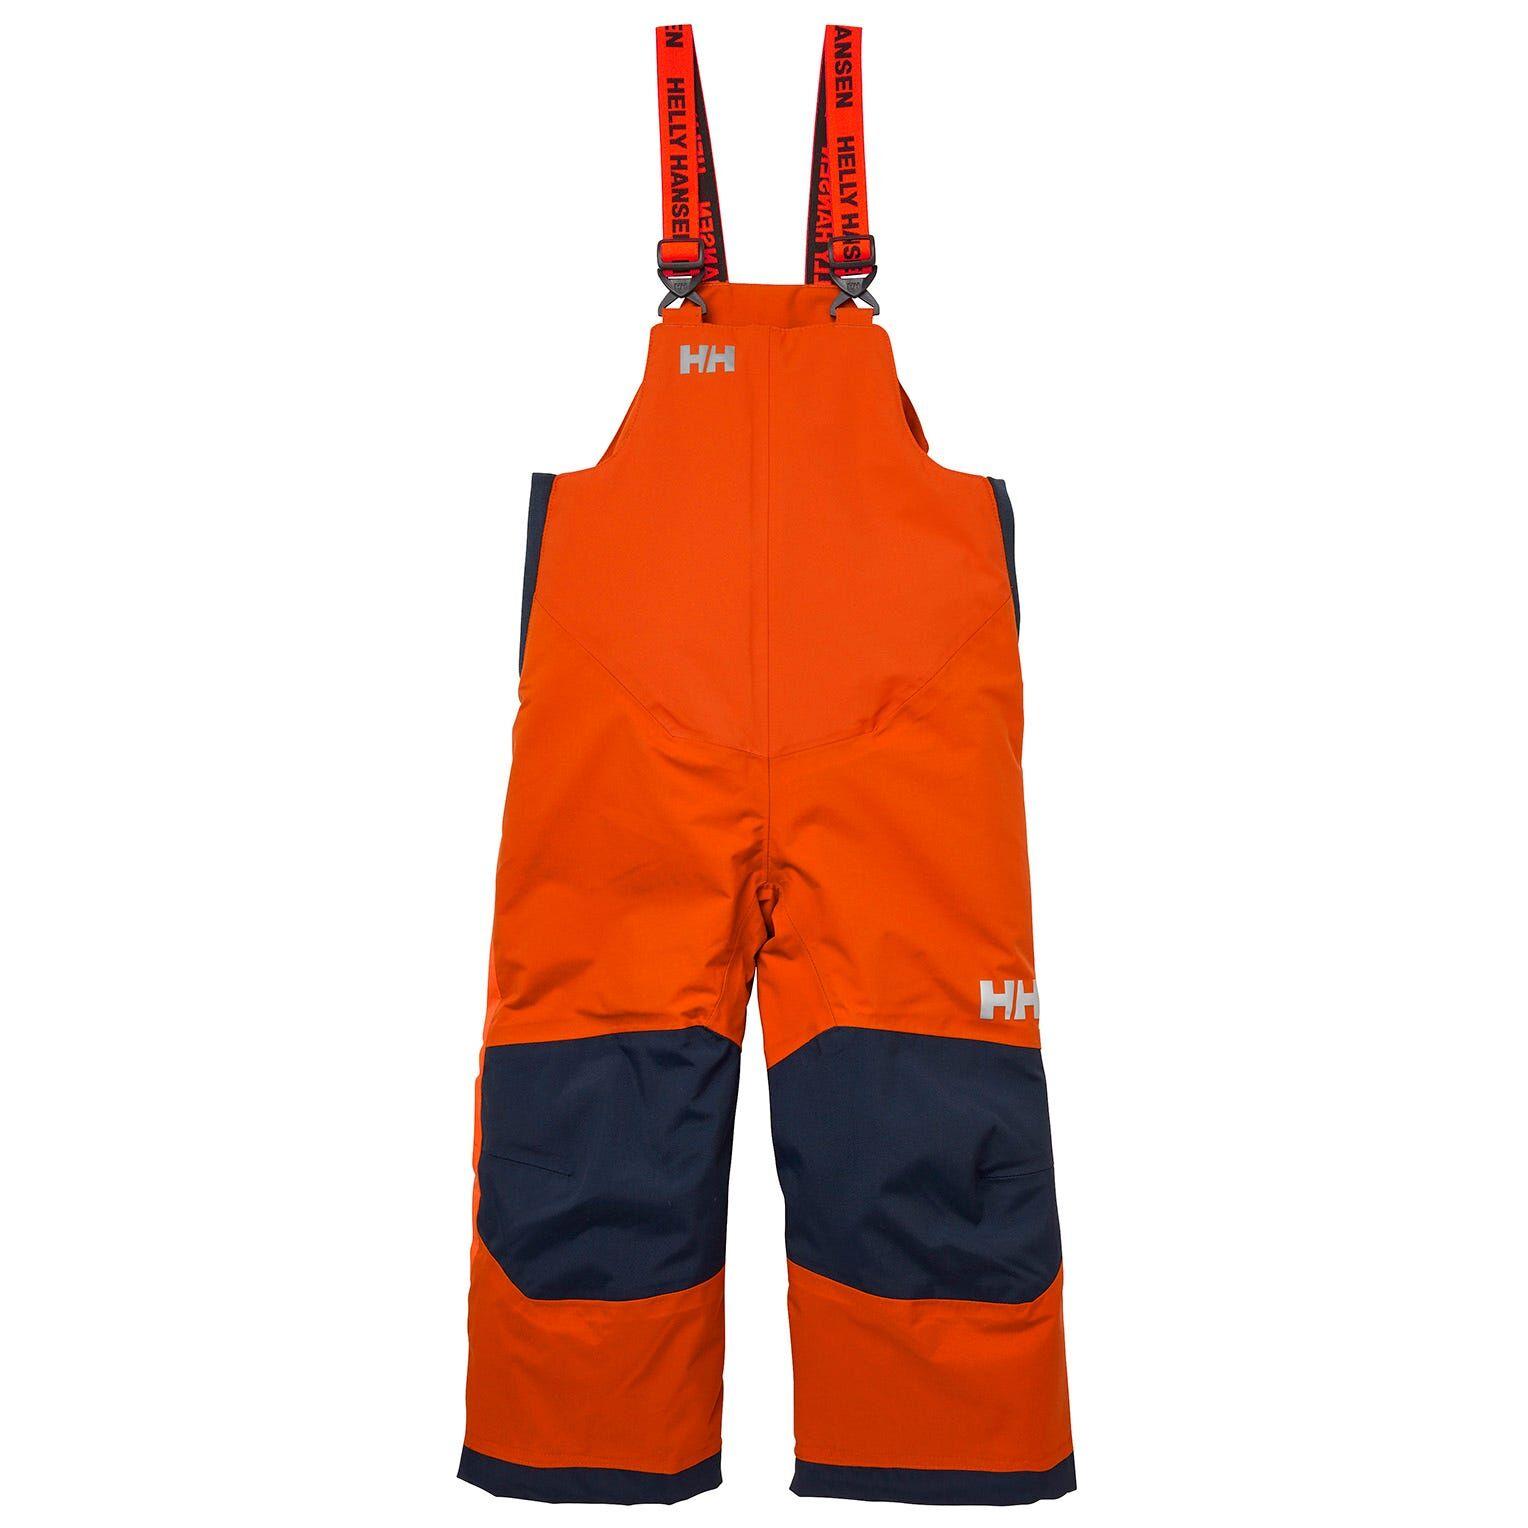 Helly Hansen Kids Rider 2 Insulated Bib Orange 116/6